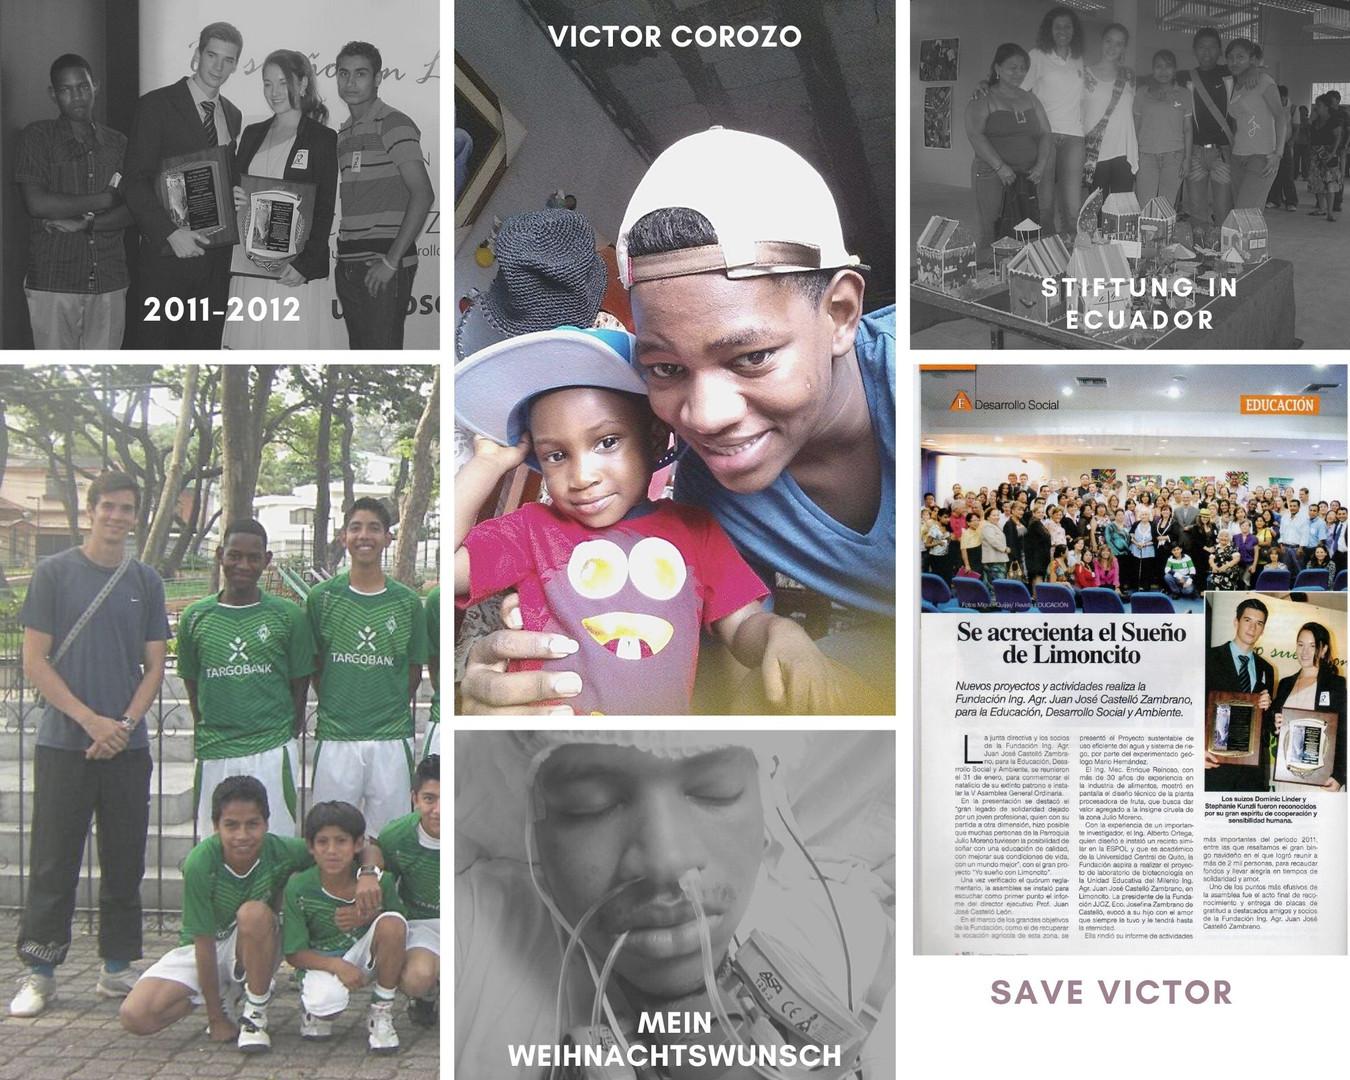 Save his Life - Victor Corozo